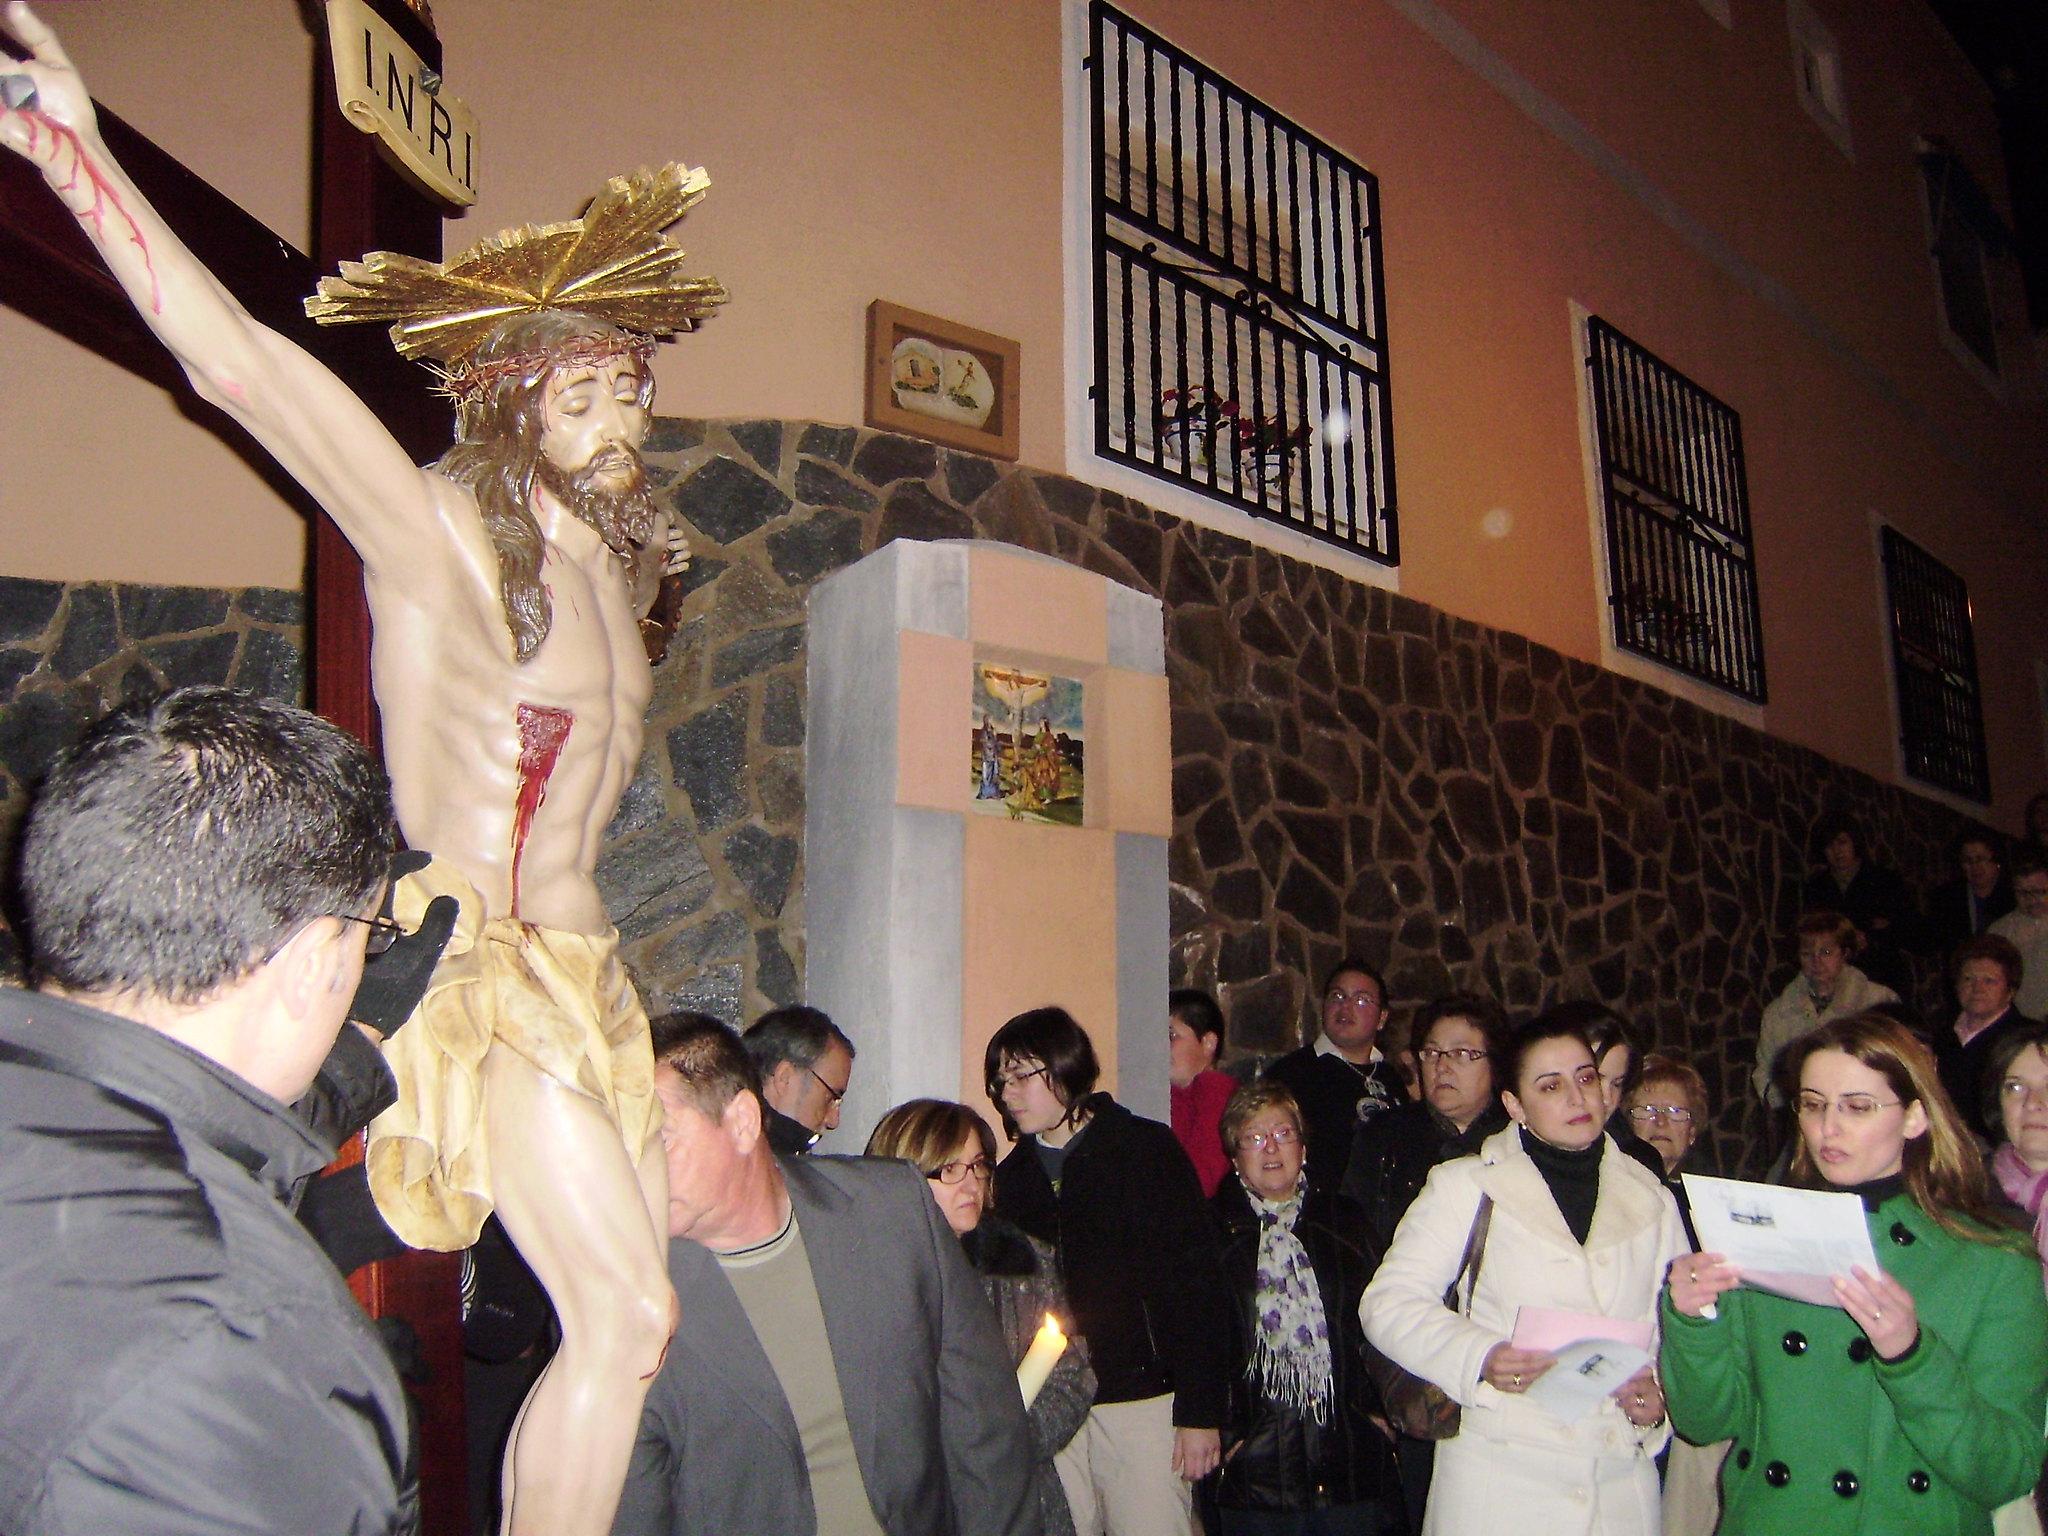 (2010-03-26) - I Vía Crucis nocturno - Javier Romero Ripoll - (04)